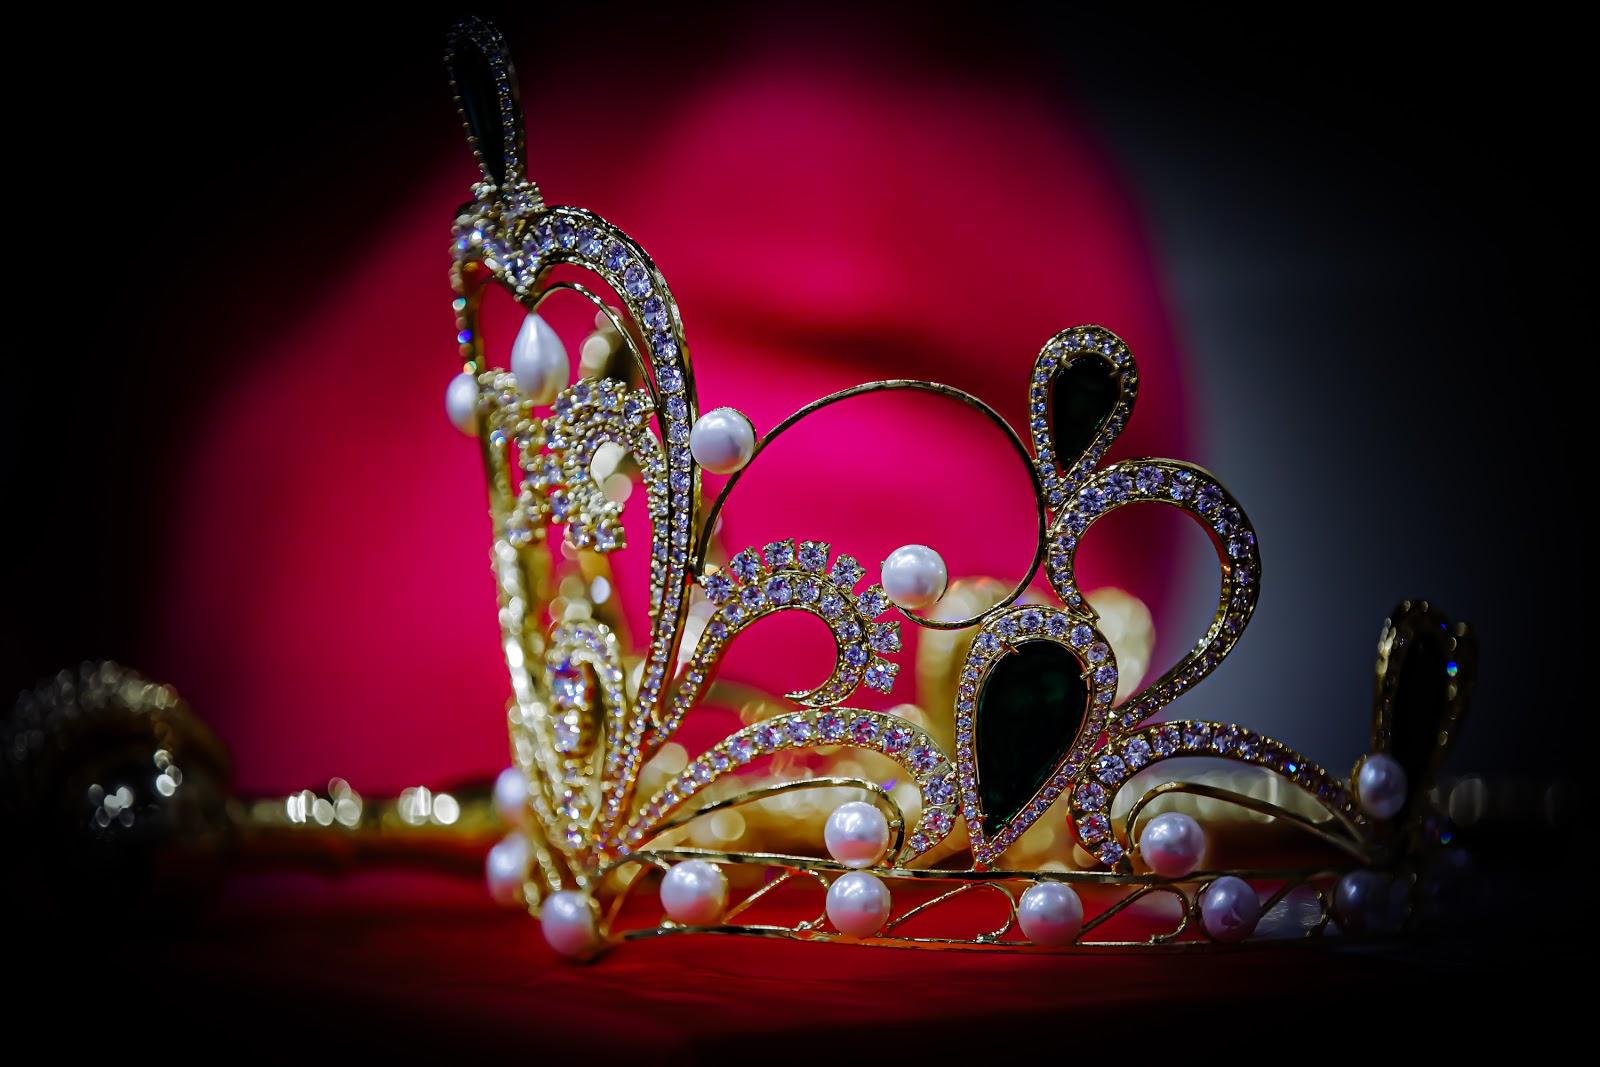 Cận cảnh vương miện 2 tỷ làm từ 2000 viên pha lê của cuộc thi Hoa hậu Tiểu Vy làm giám khảo - Hình 9